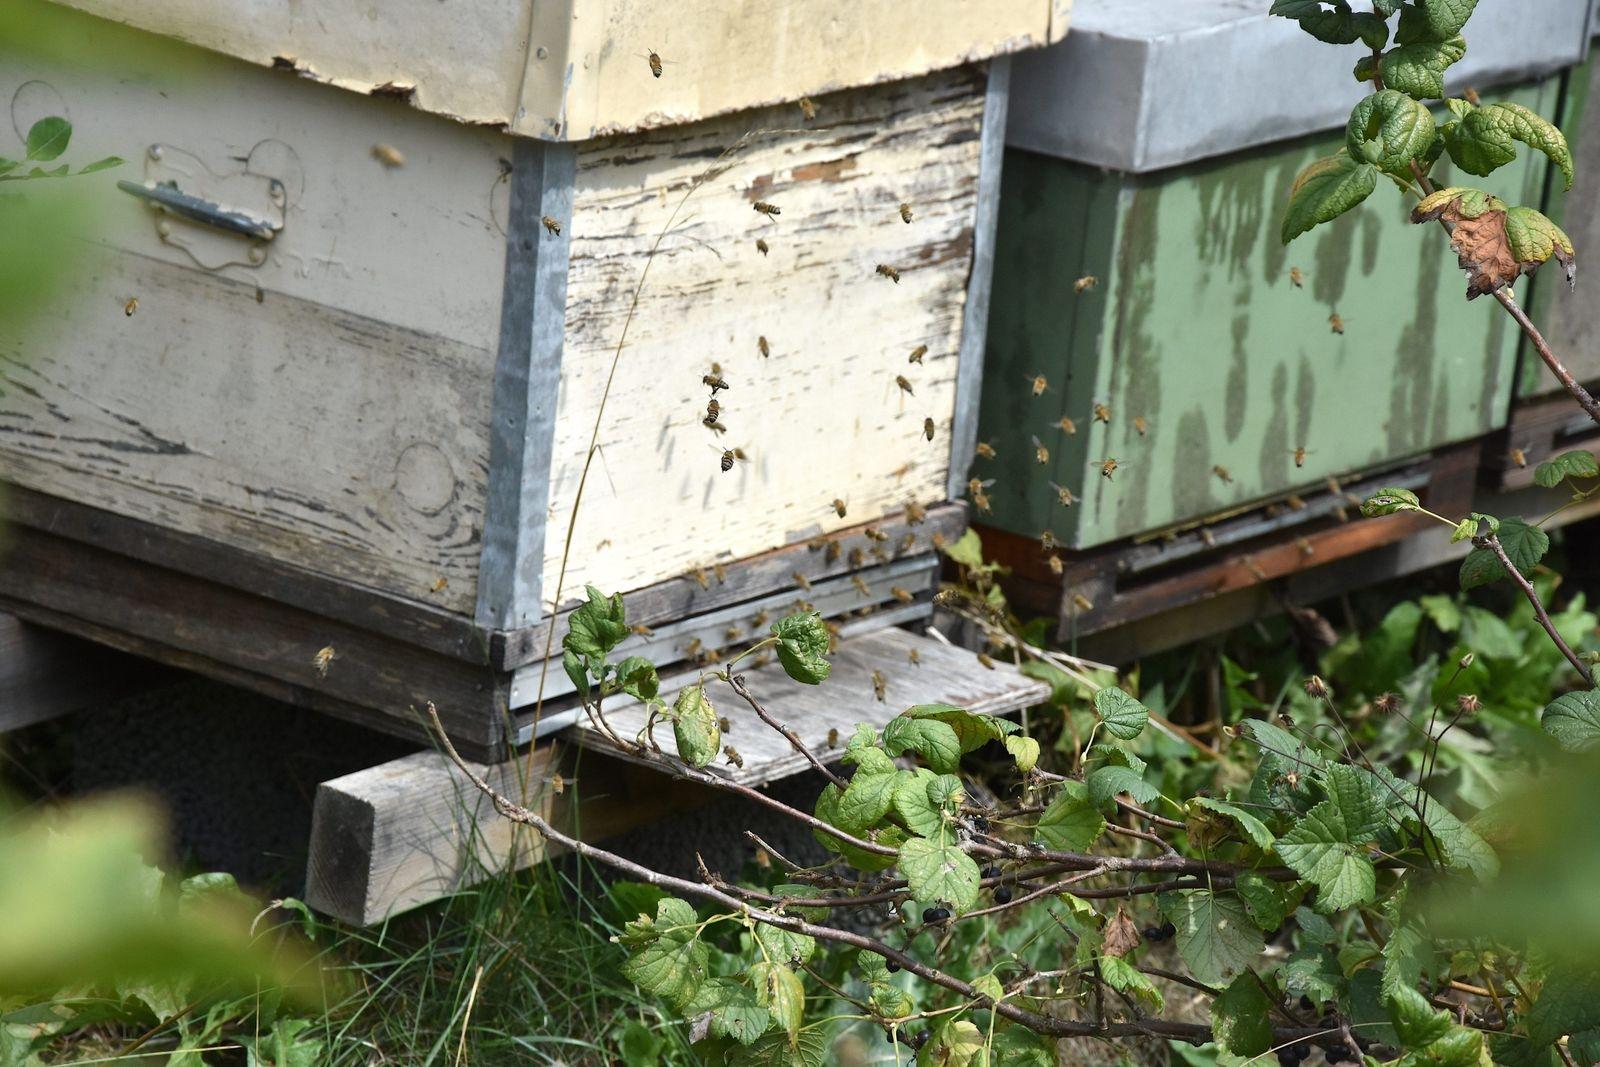 De unga bina hovrar utanför kupan för att lära sig var hemma är, så att de ska kunna hitta tillbaka när de väl ger sig ut på uppdrag i närområdet.